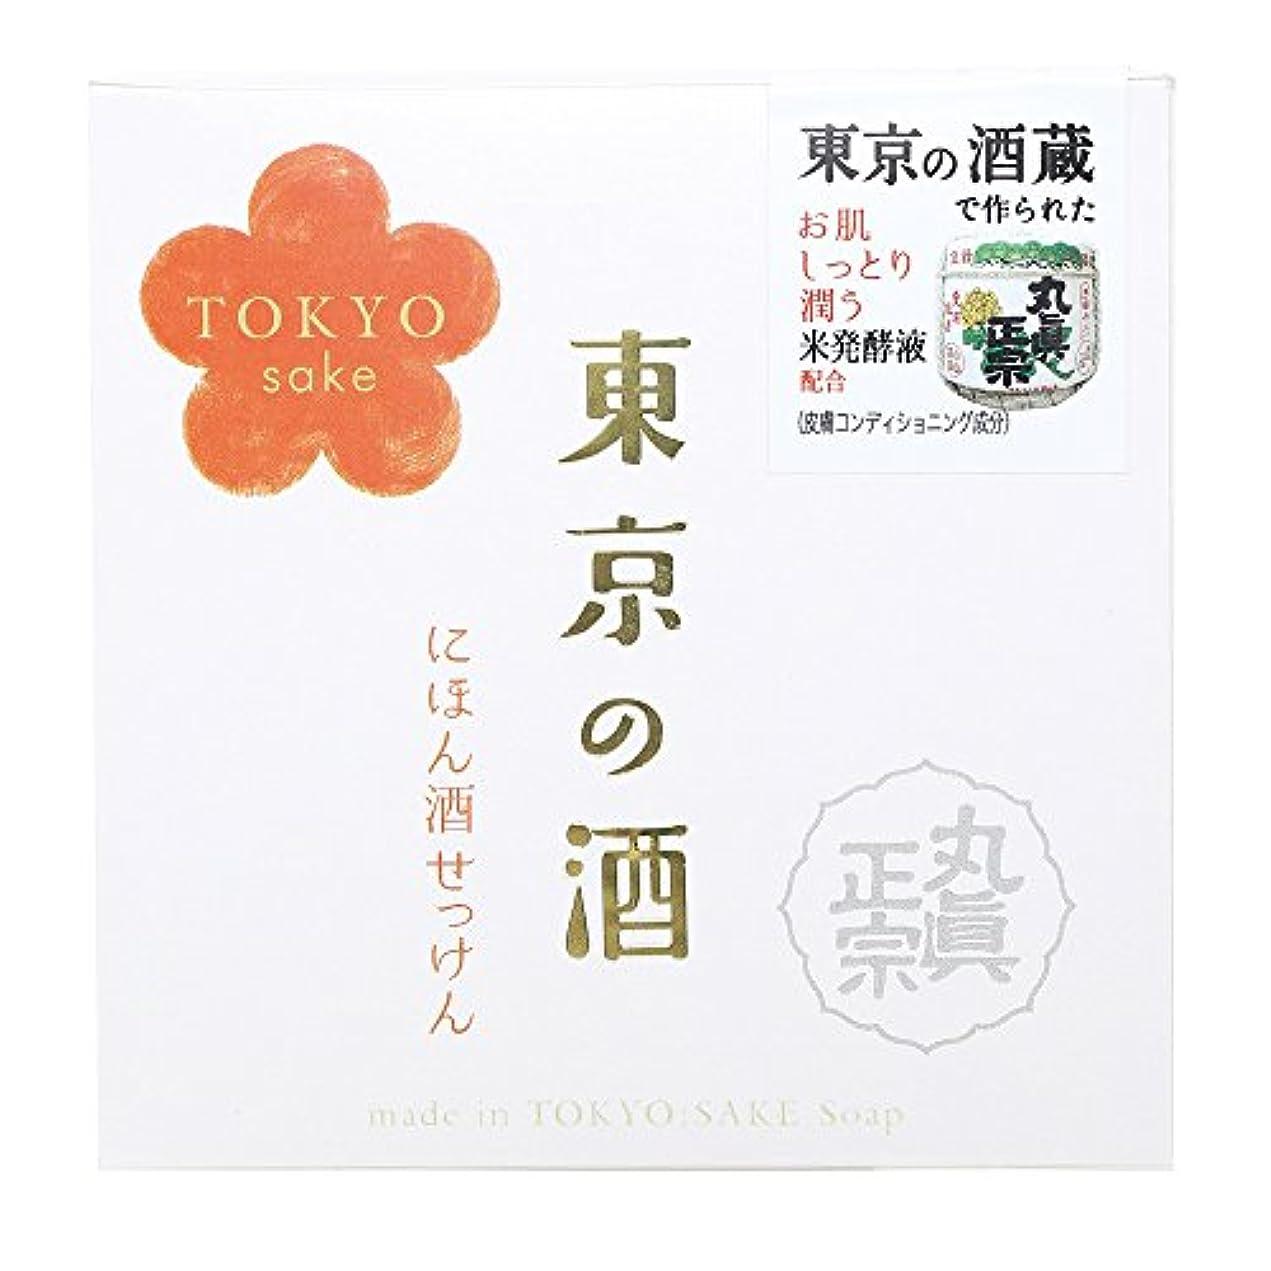 ニックネーム性別溶岩ノルコーポレーション 東京の酒 石けん OB-TKY-1-1 100g